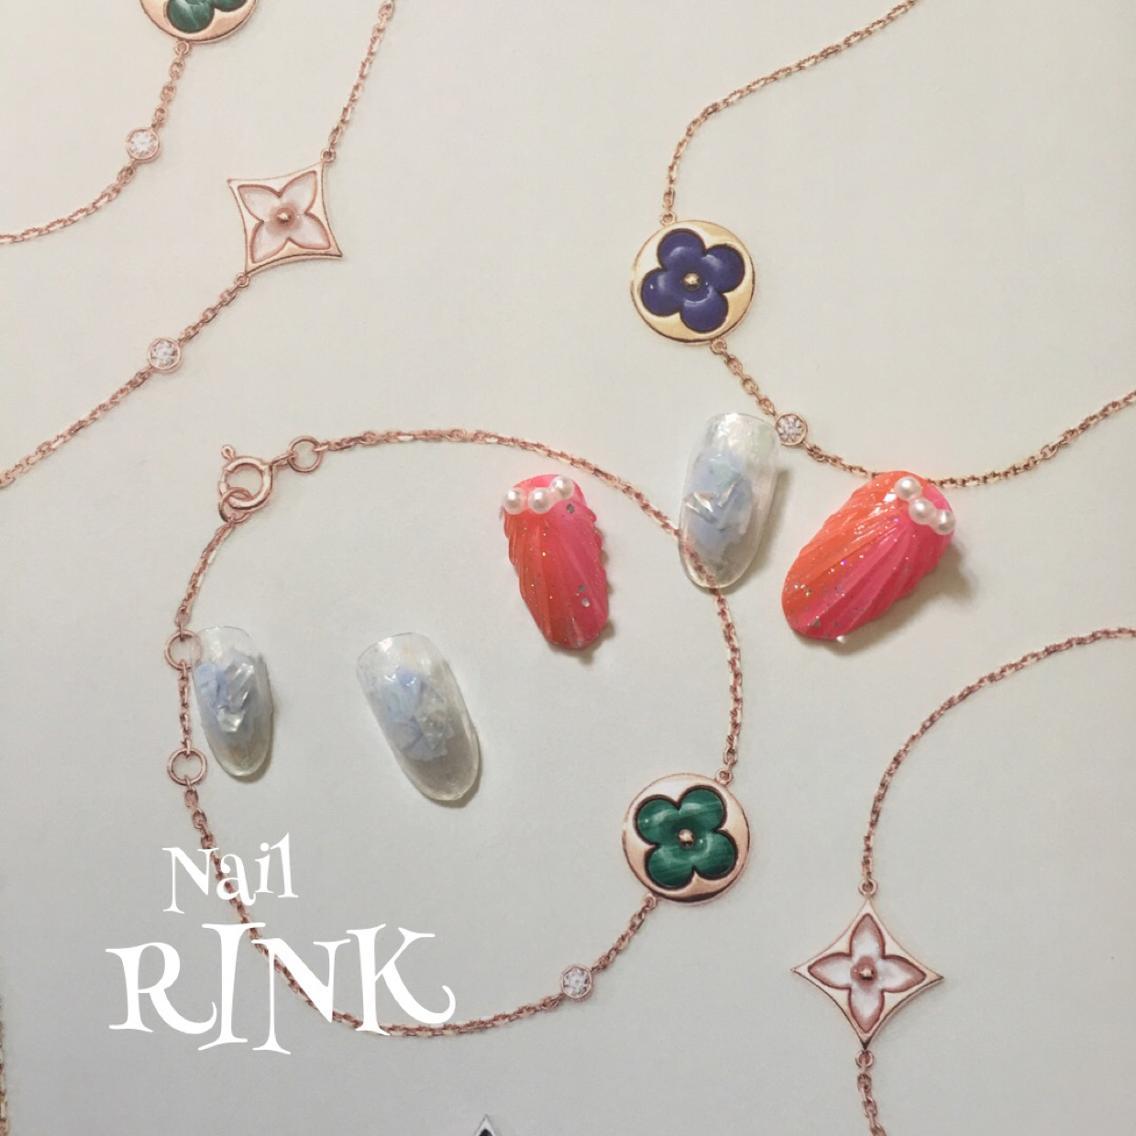 Nail RINK-リンク-所属・NailRINK 尾藤の掲載